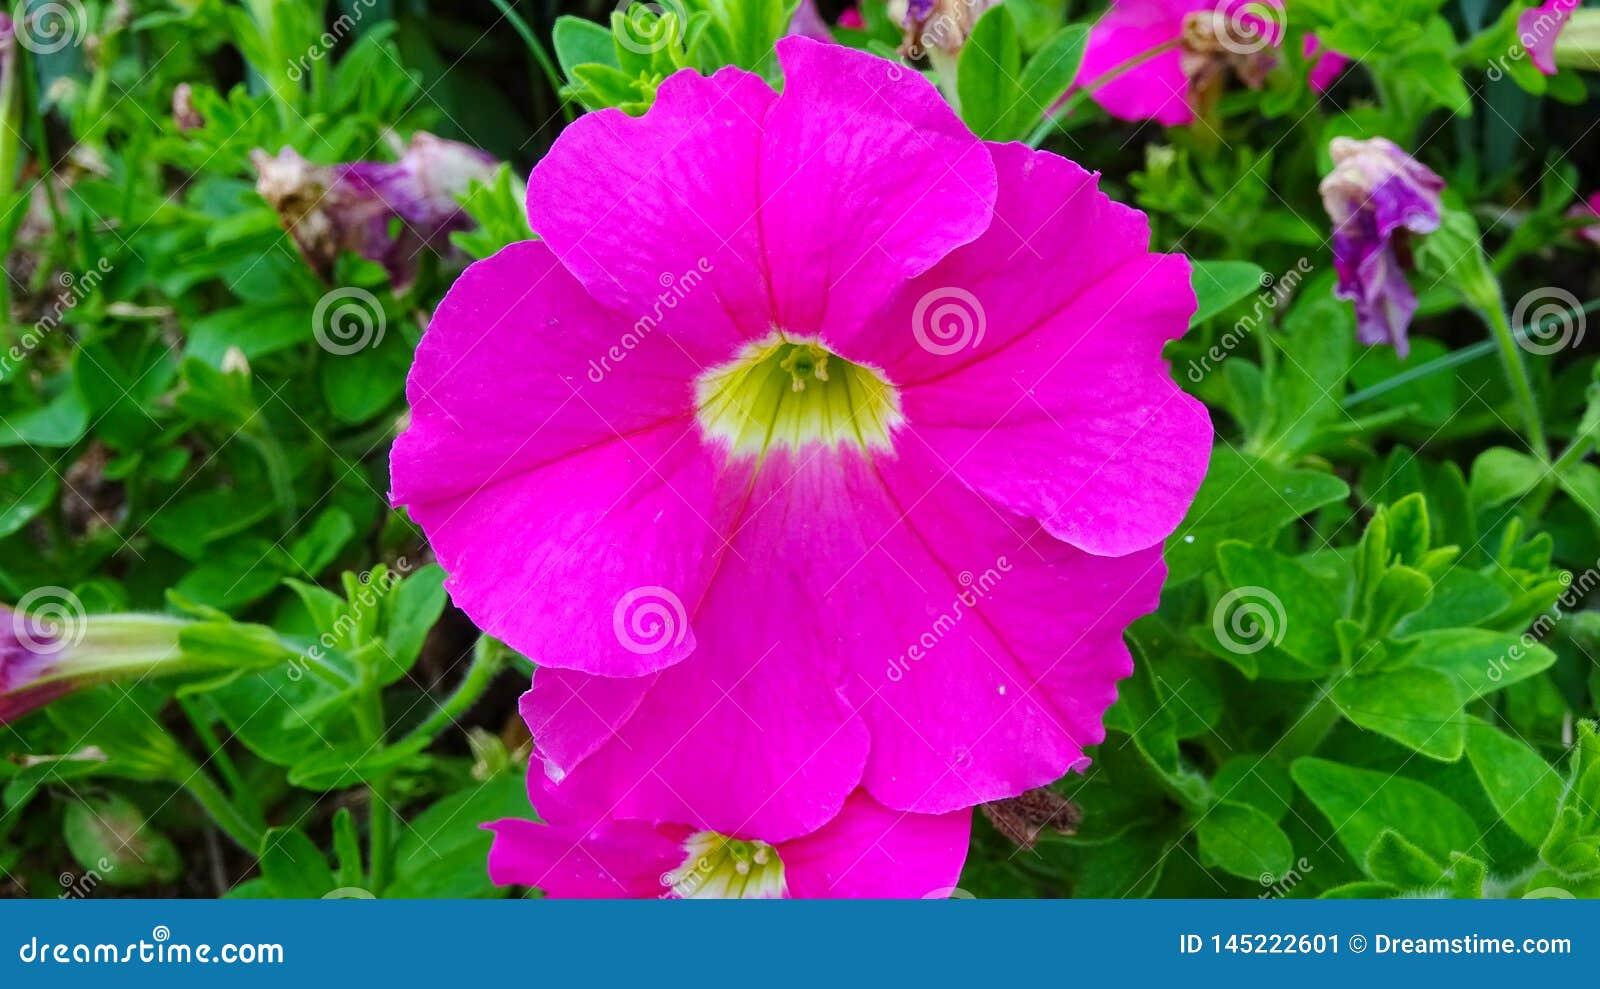 这是喇叭花hybrida花